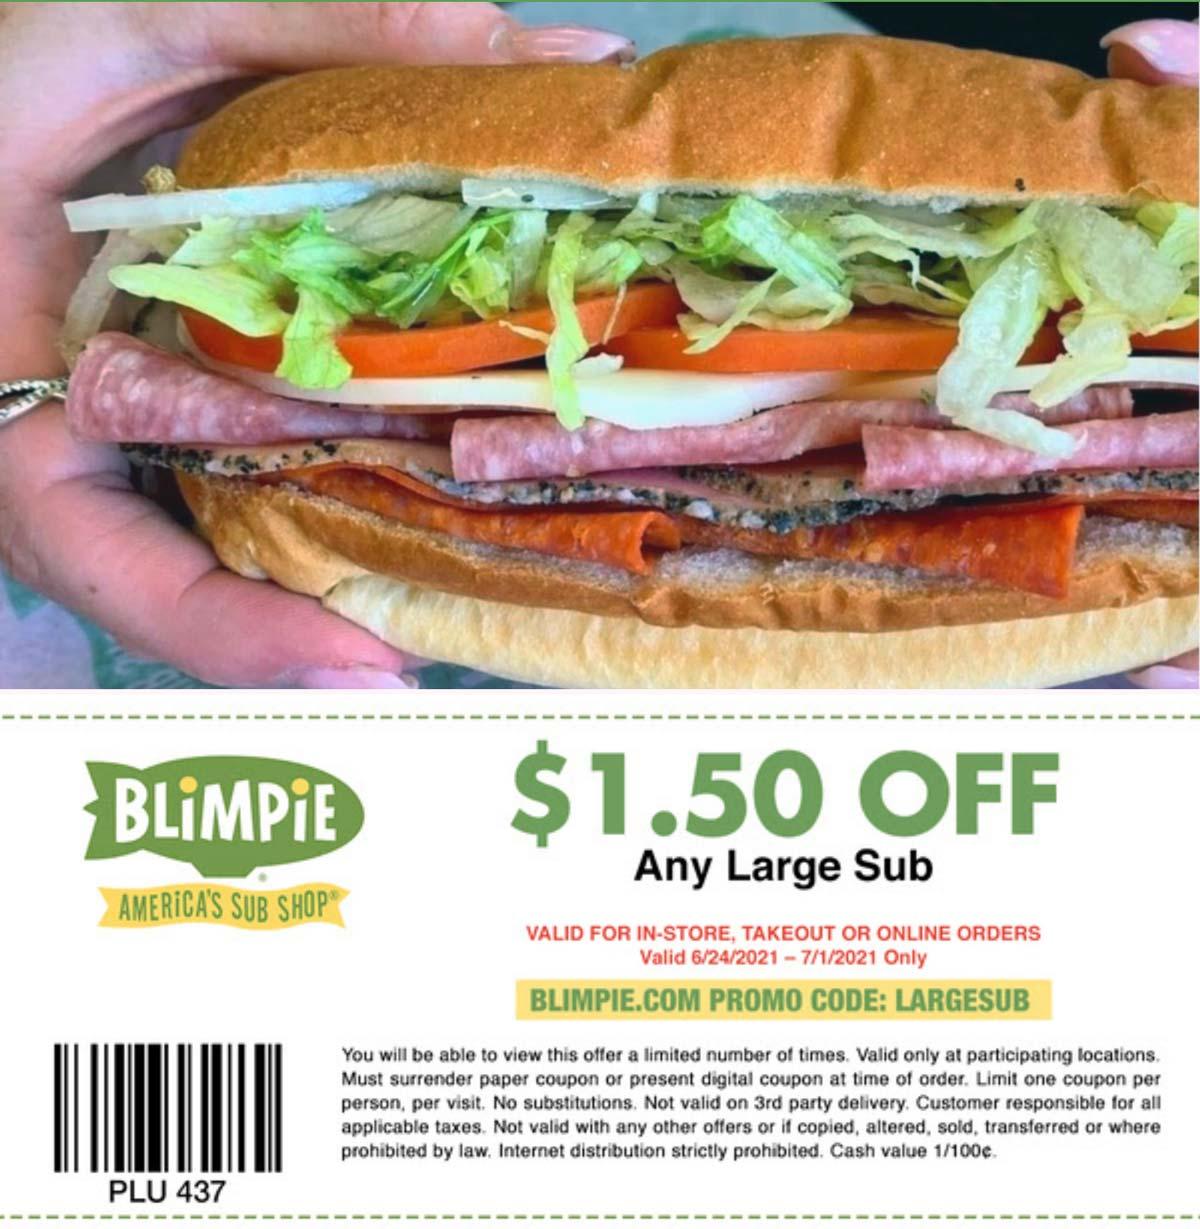 Blimpie restaurants Coupon  $1.50 off a large sub sandwich at Blimpie, or online via promo code LARGESUB #blimpie